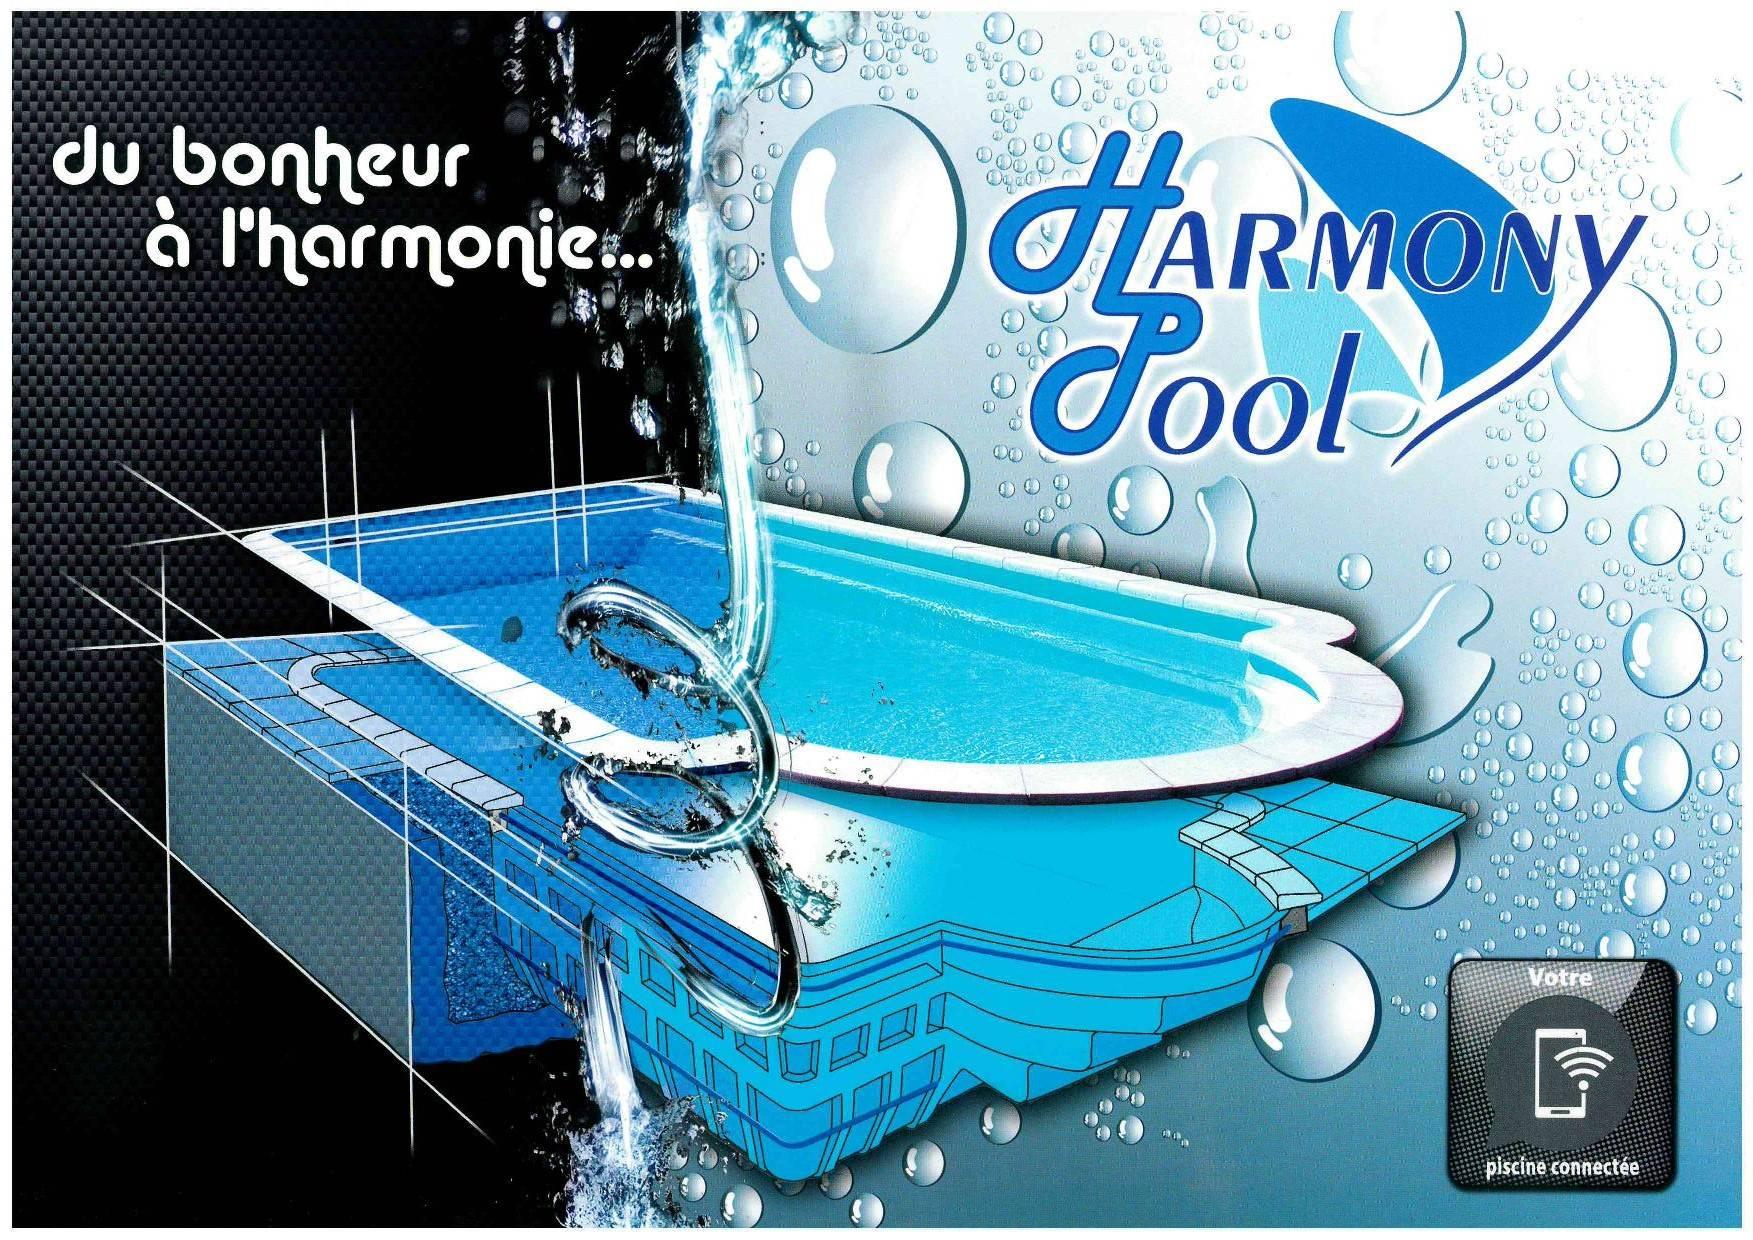 Harmony pool- ferré piscines 13